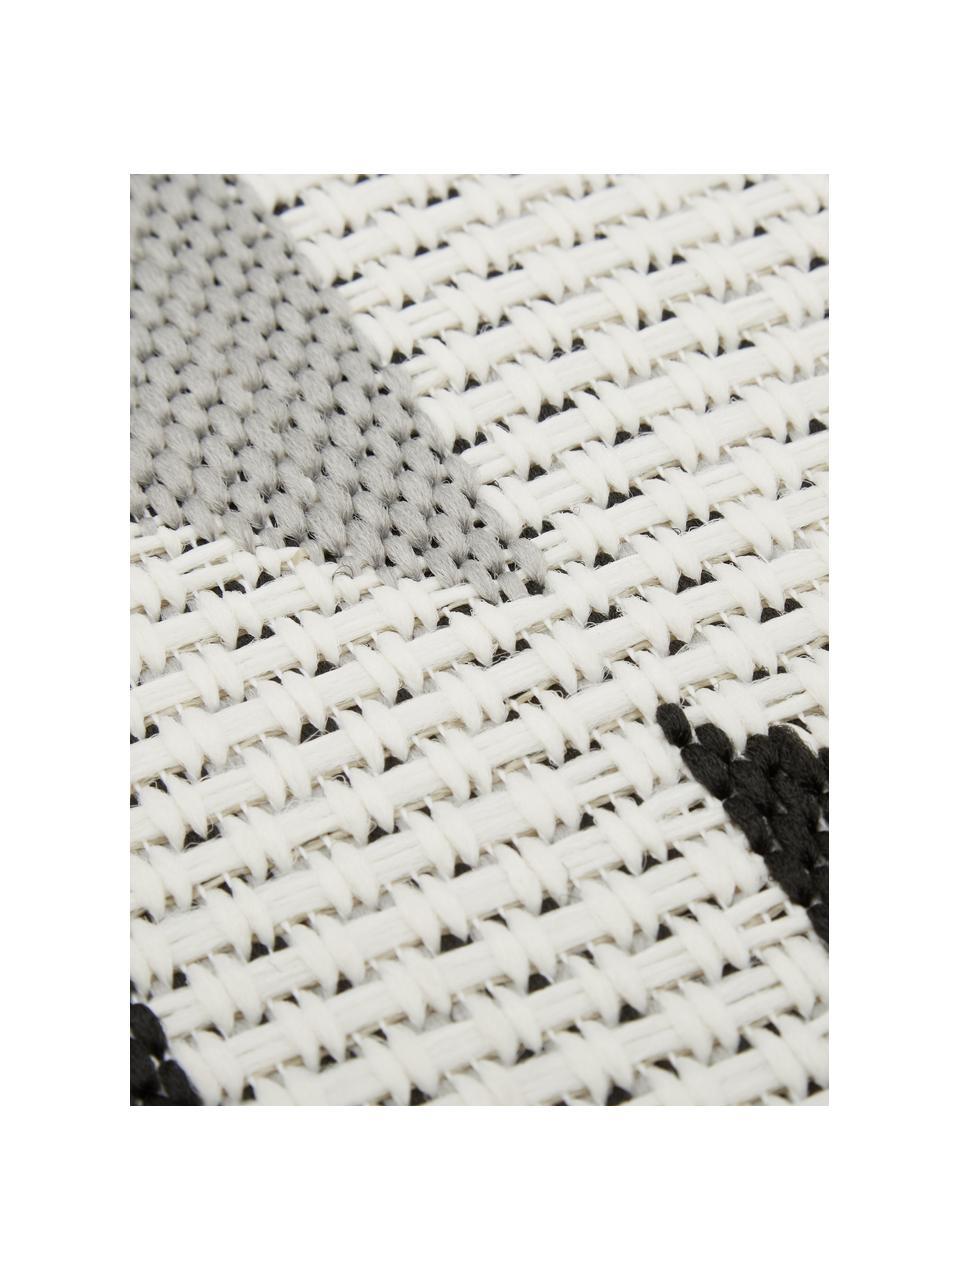 Dywan wewnętrzny/zewnętrzny Ikat, 86% polipropylen, 14% poliester, Kremowobiały, czarny, szary, S 200 x D 290 cm (Rozmiar L)